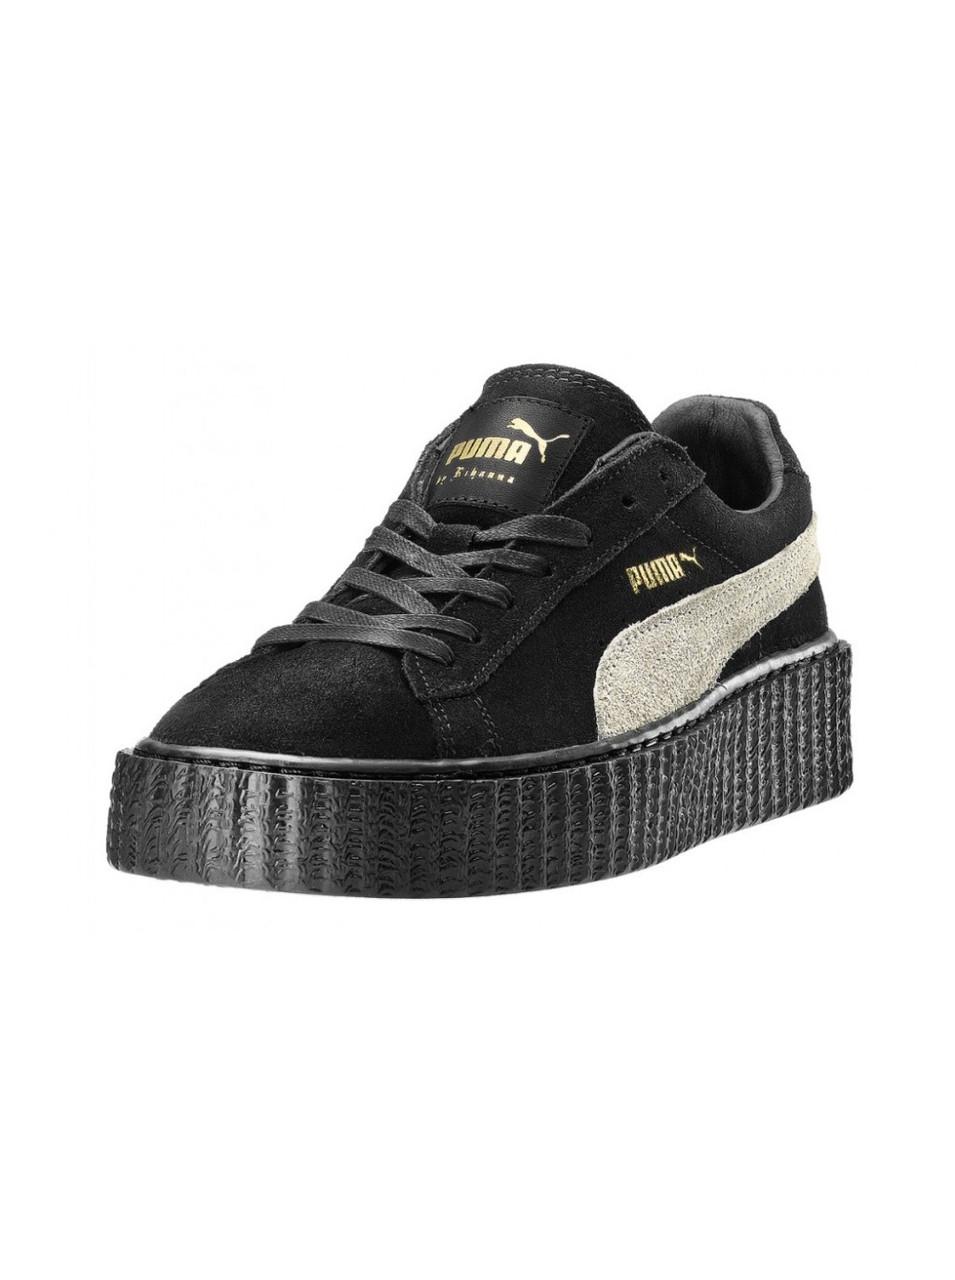 Кеды Puma Creeper Rihanna Black White Черные женские реплика -  Интернет-магазин спортивной обуви в 211c614c156e3